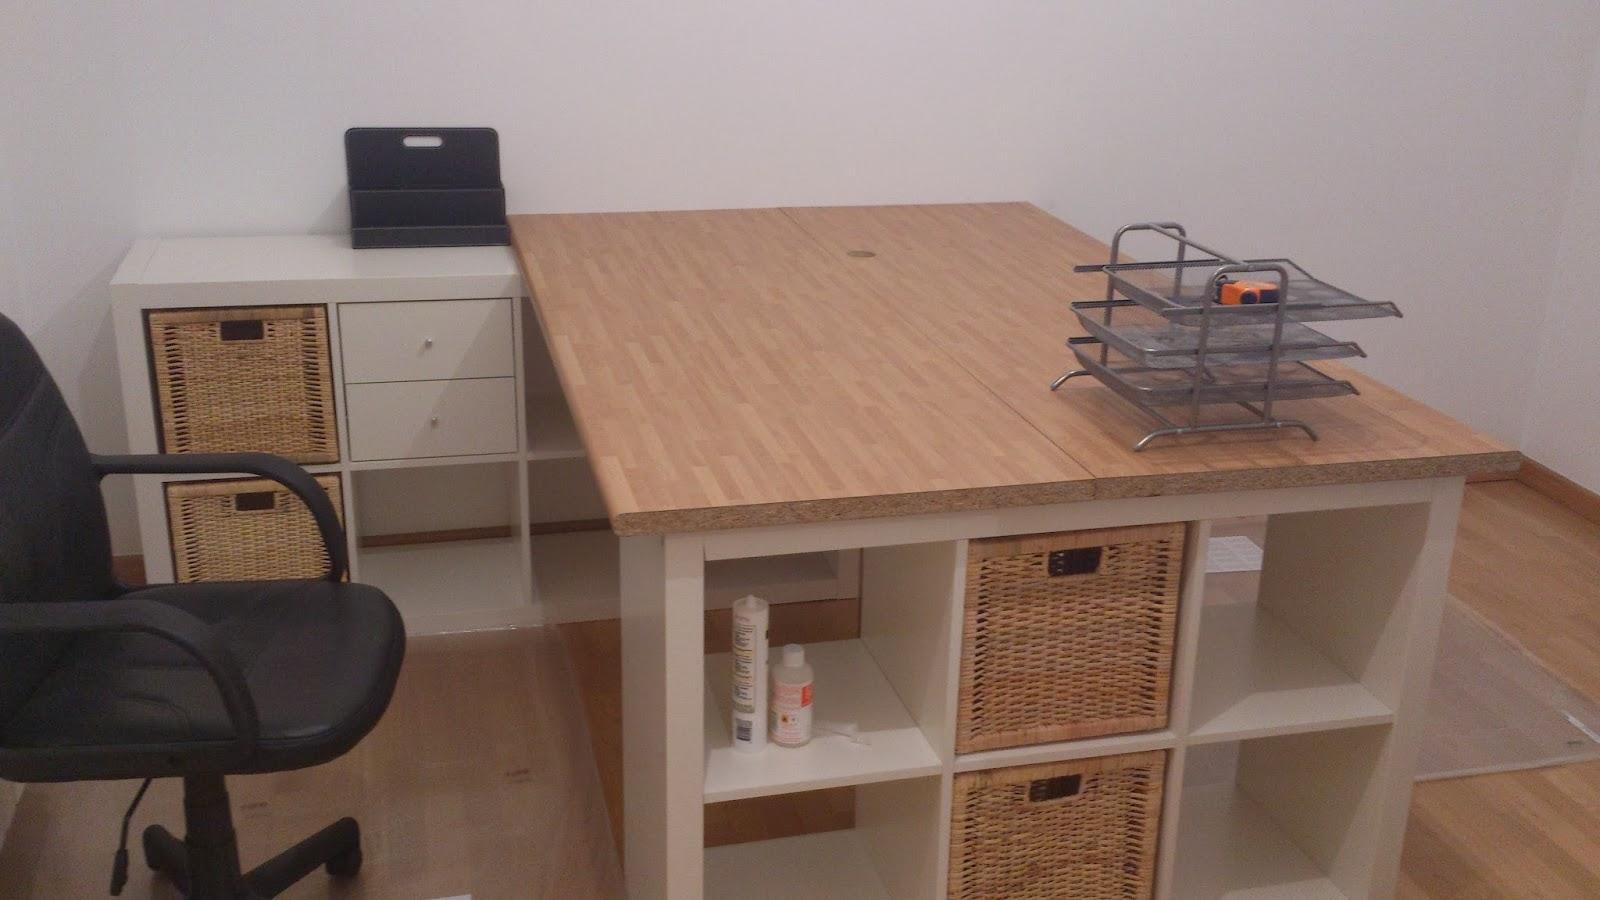 Una mesa de despacho con sitio para todo mi llave allen for Mesa despacho ikea